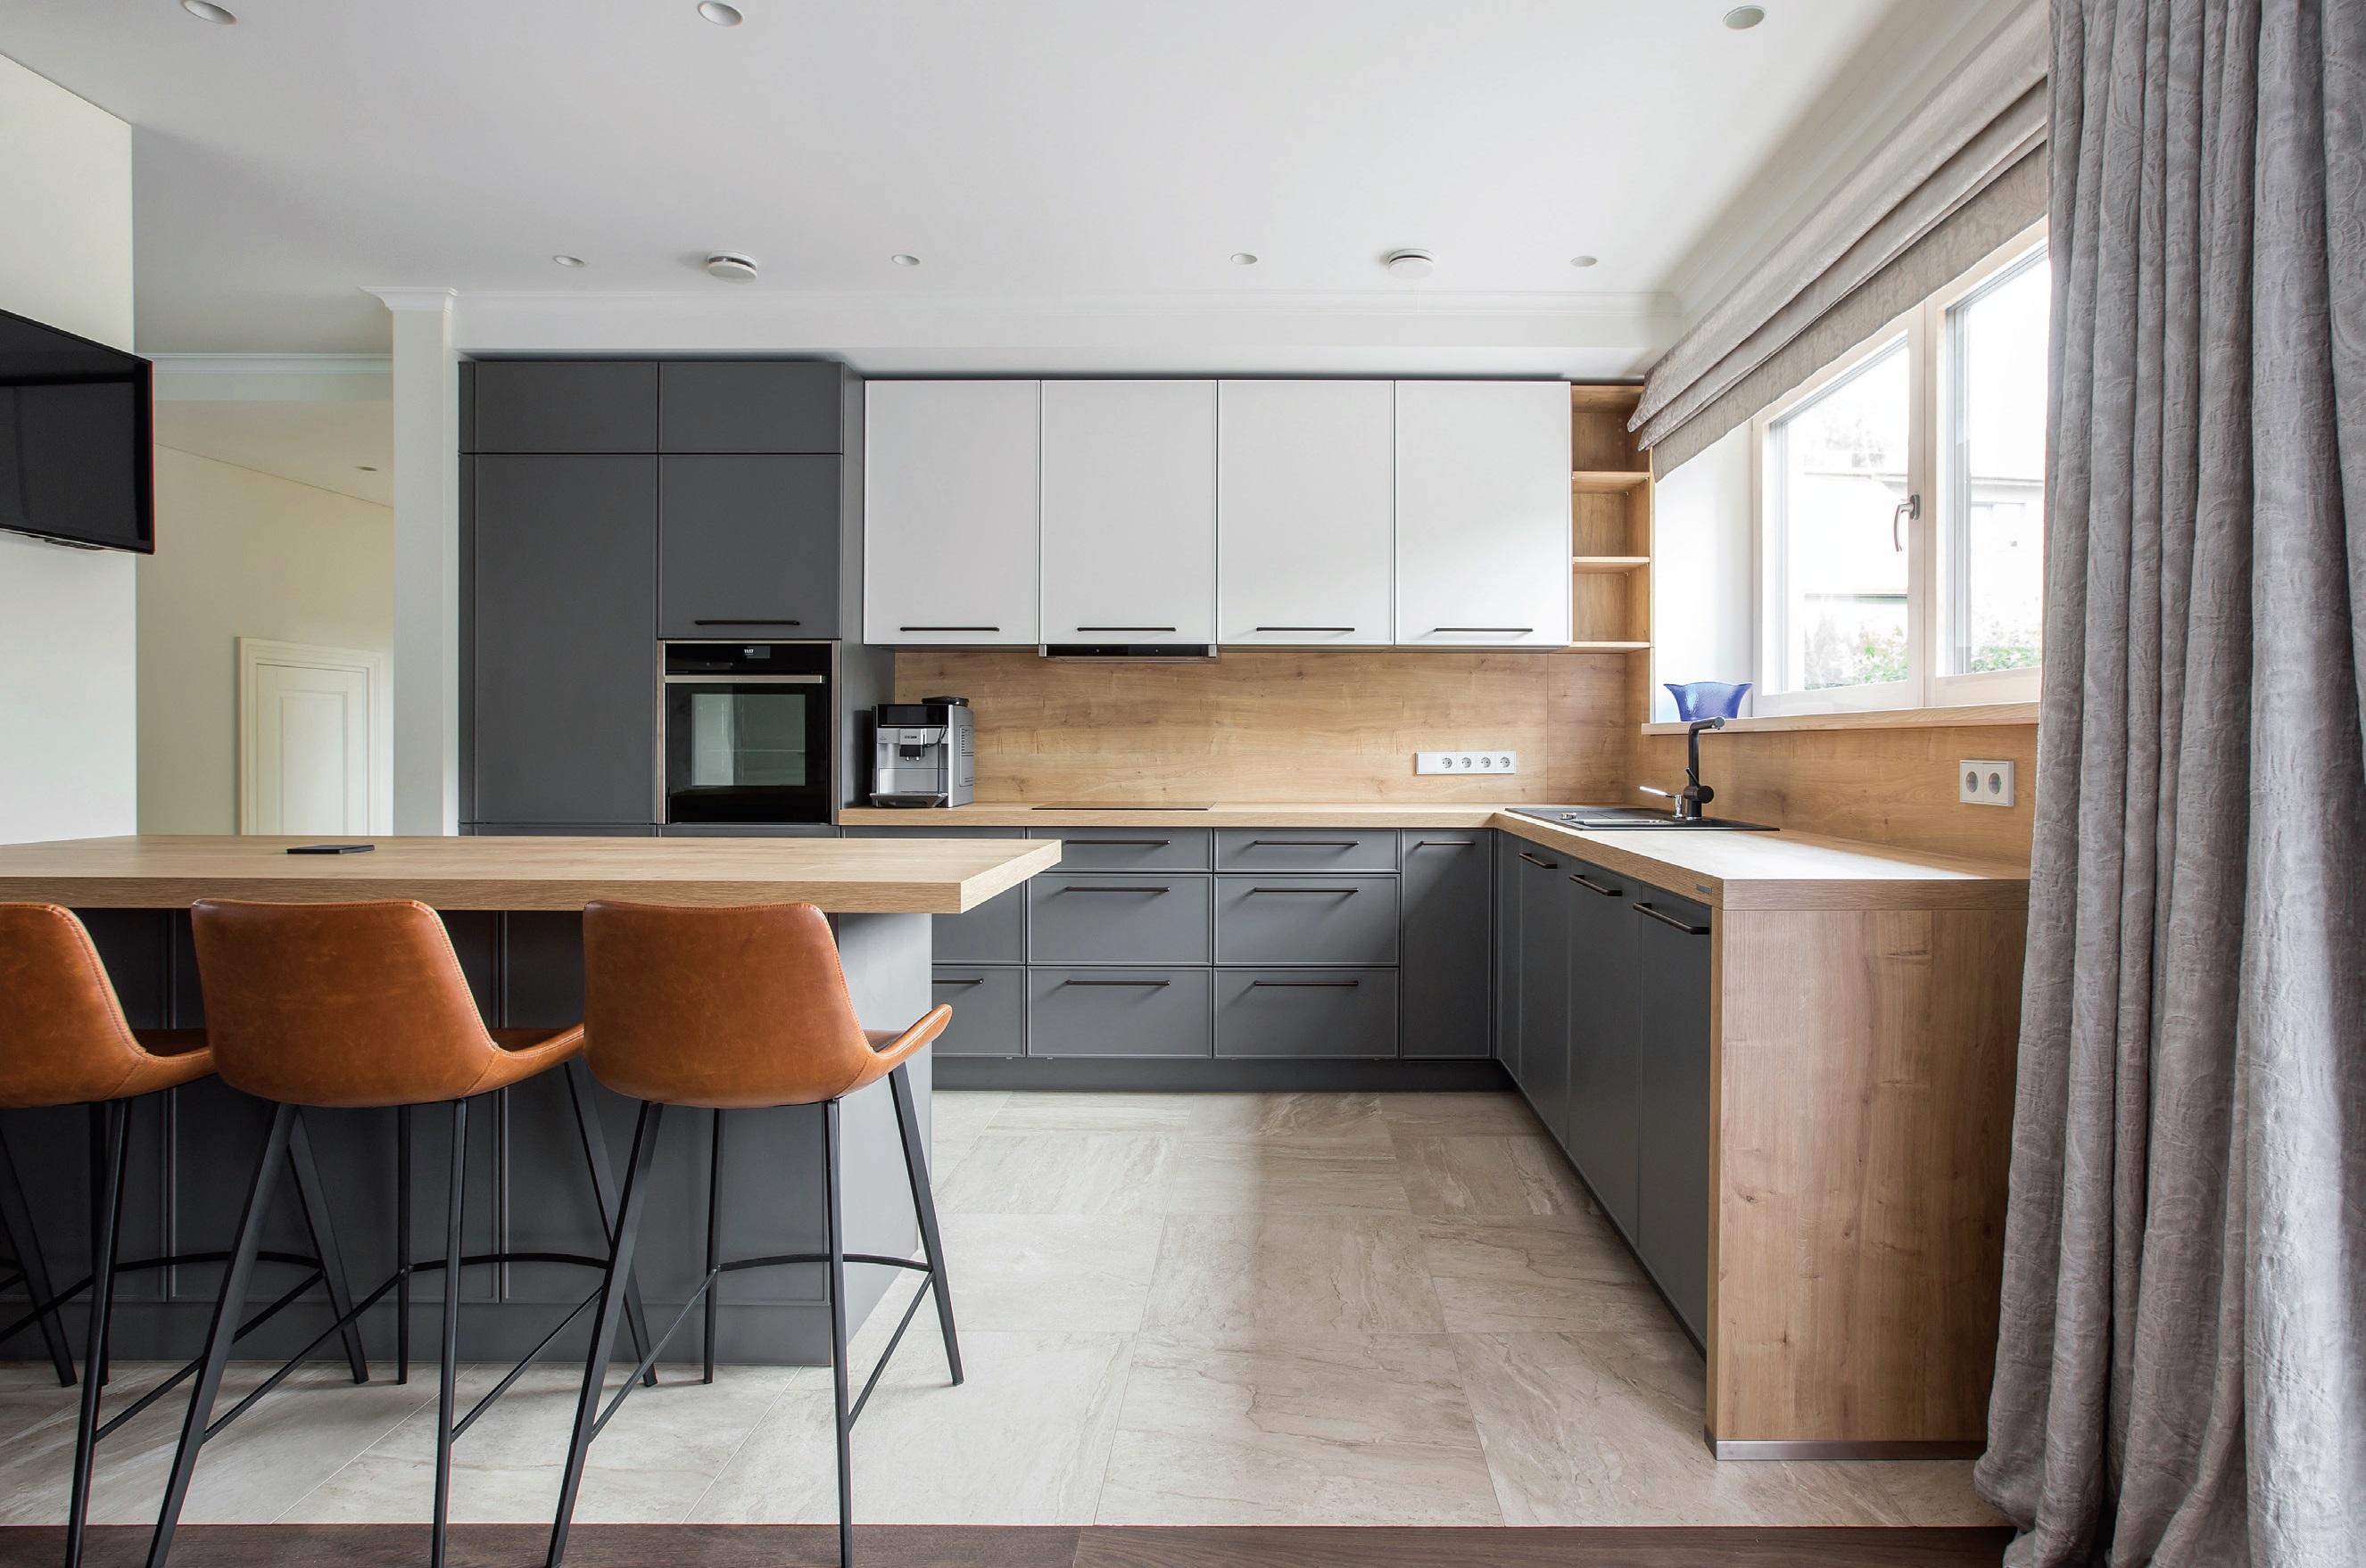 """Užuolaida – originalus būdas atitverti virtuvę nuo svetainės. Aut. """"ArchDesign"""", Miglė Šalnaitė"""